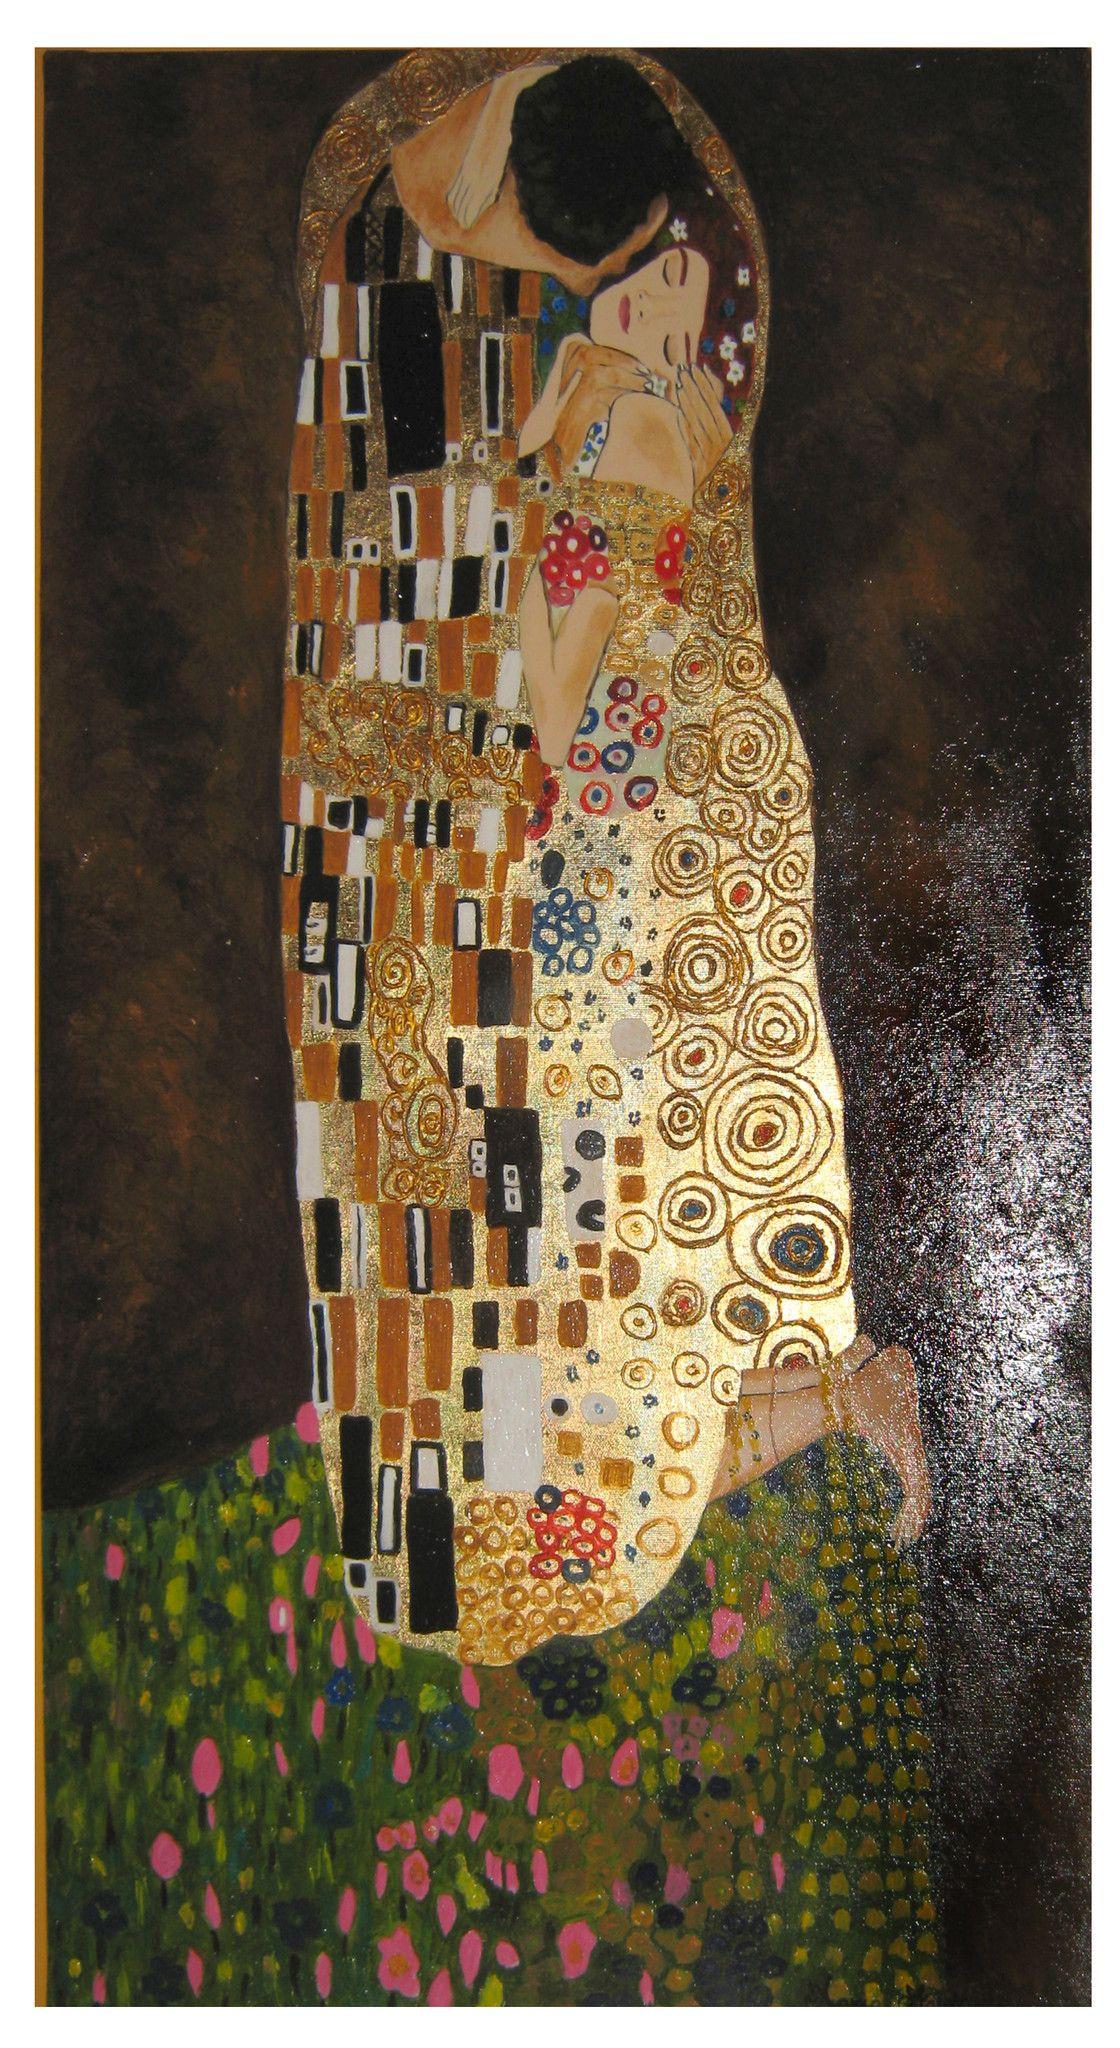 Il bacio - Copia di Gustav Klimt - 55x90